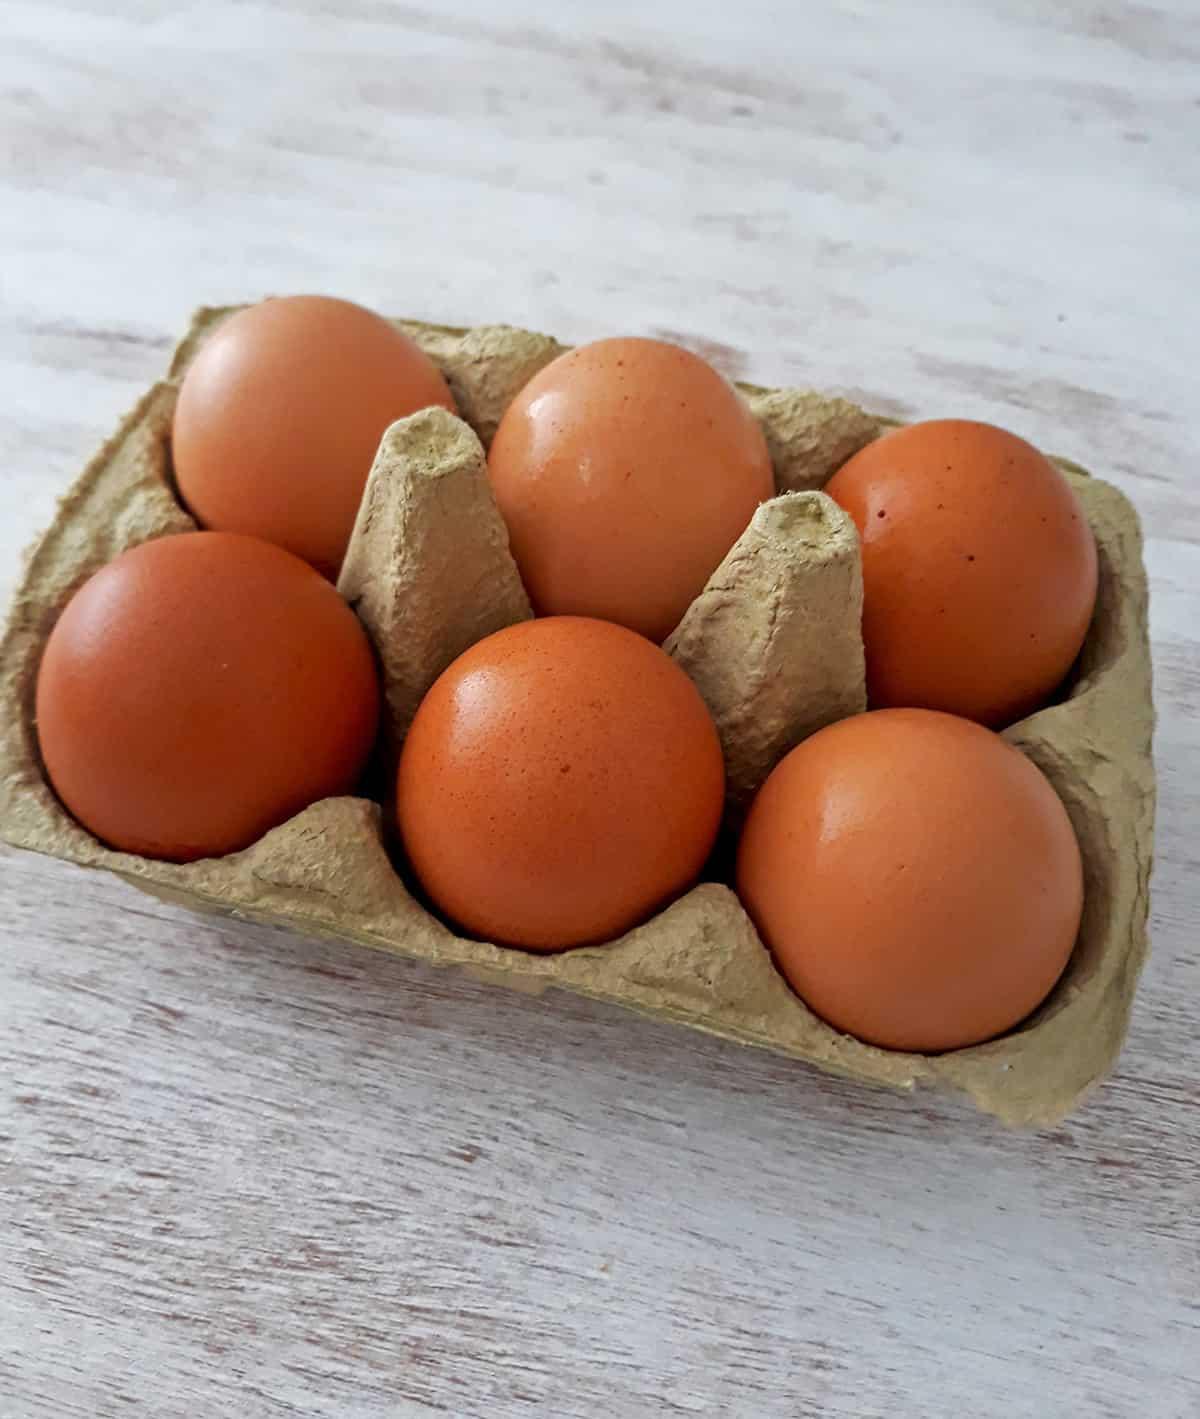 carton de huevos